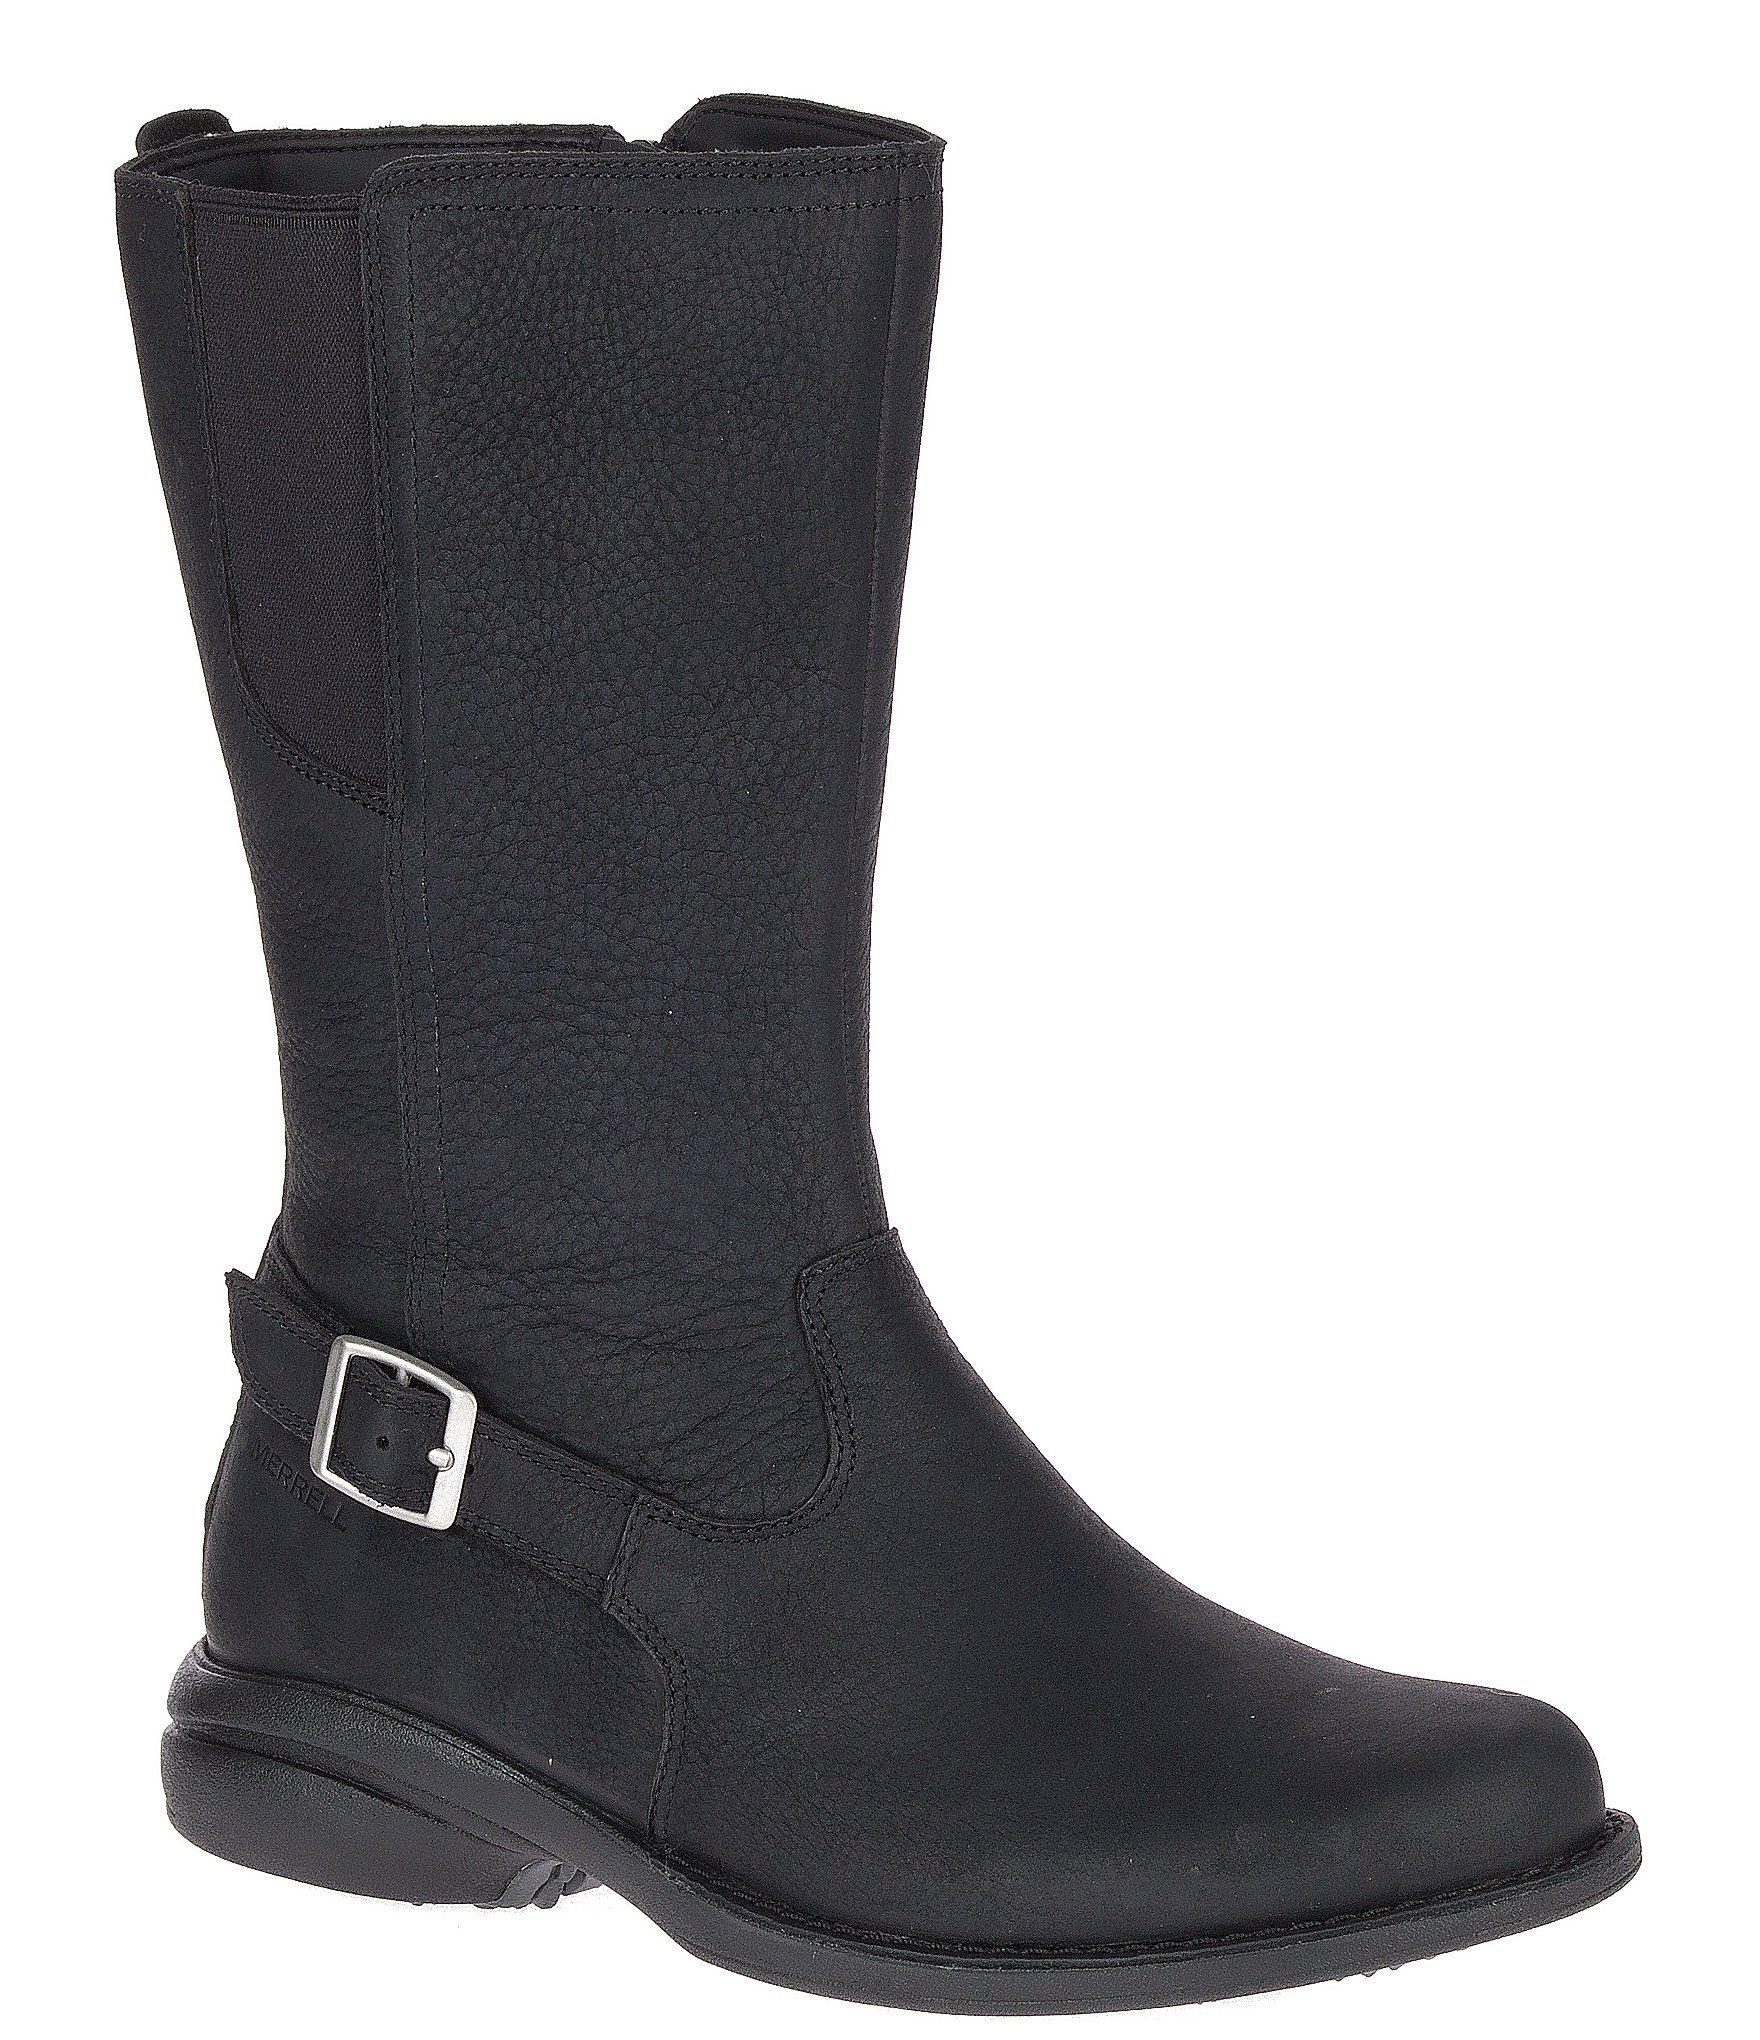 Merrell Women's Andover Peak Waterproof Boots – Black 7.5M